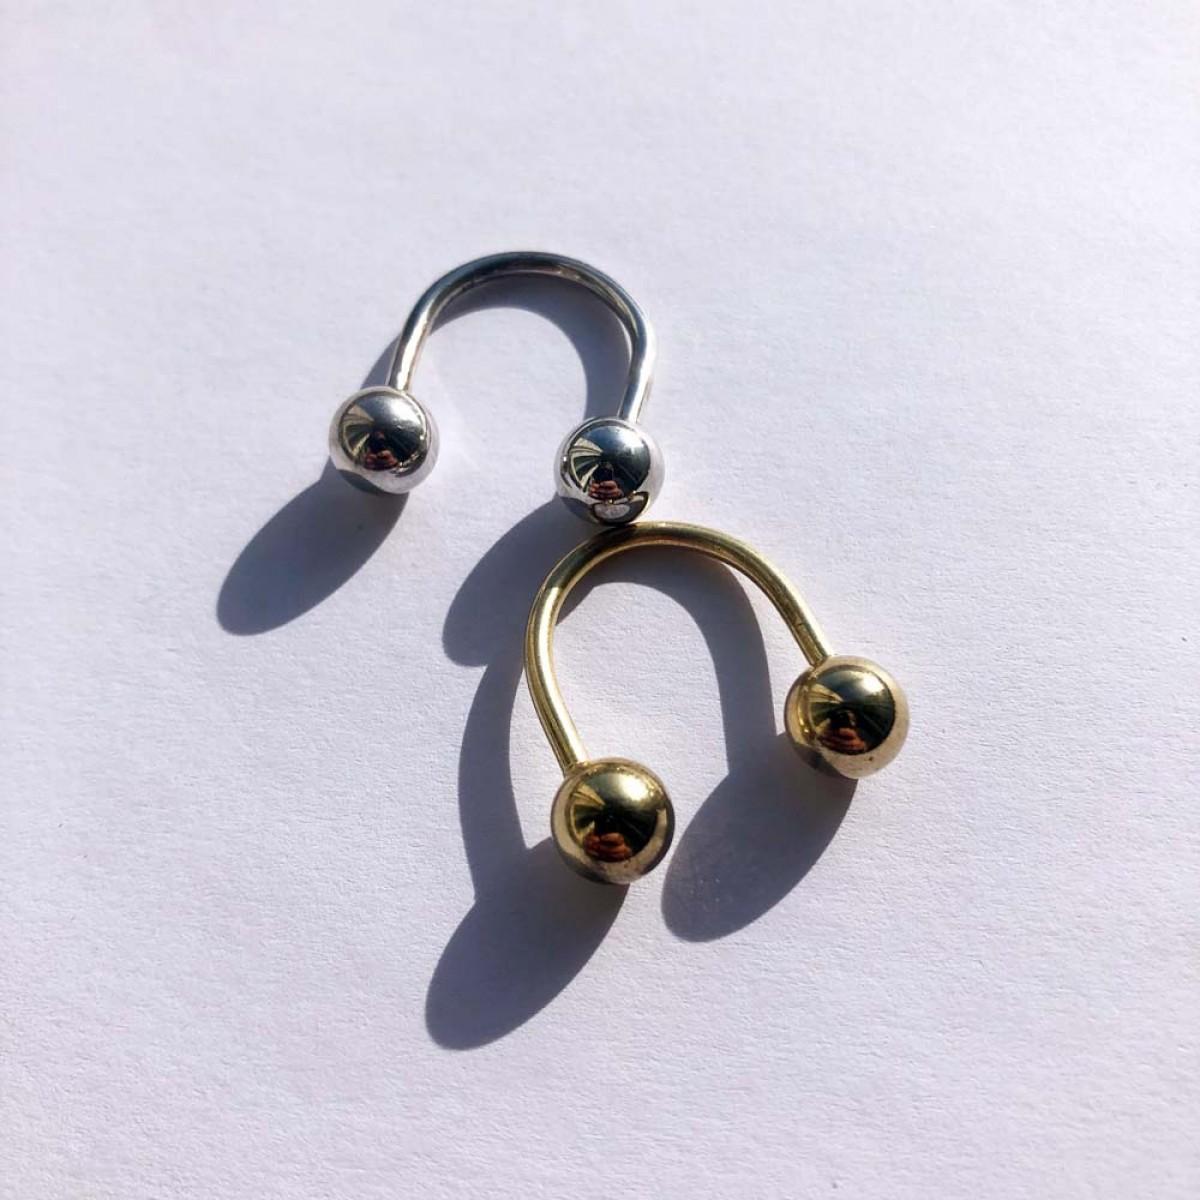 Ring Two same | i+j van der Weck